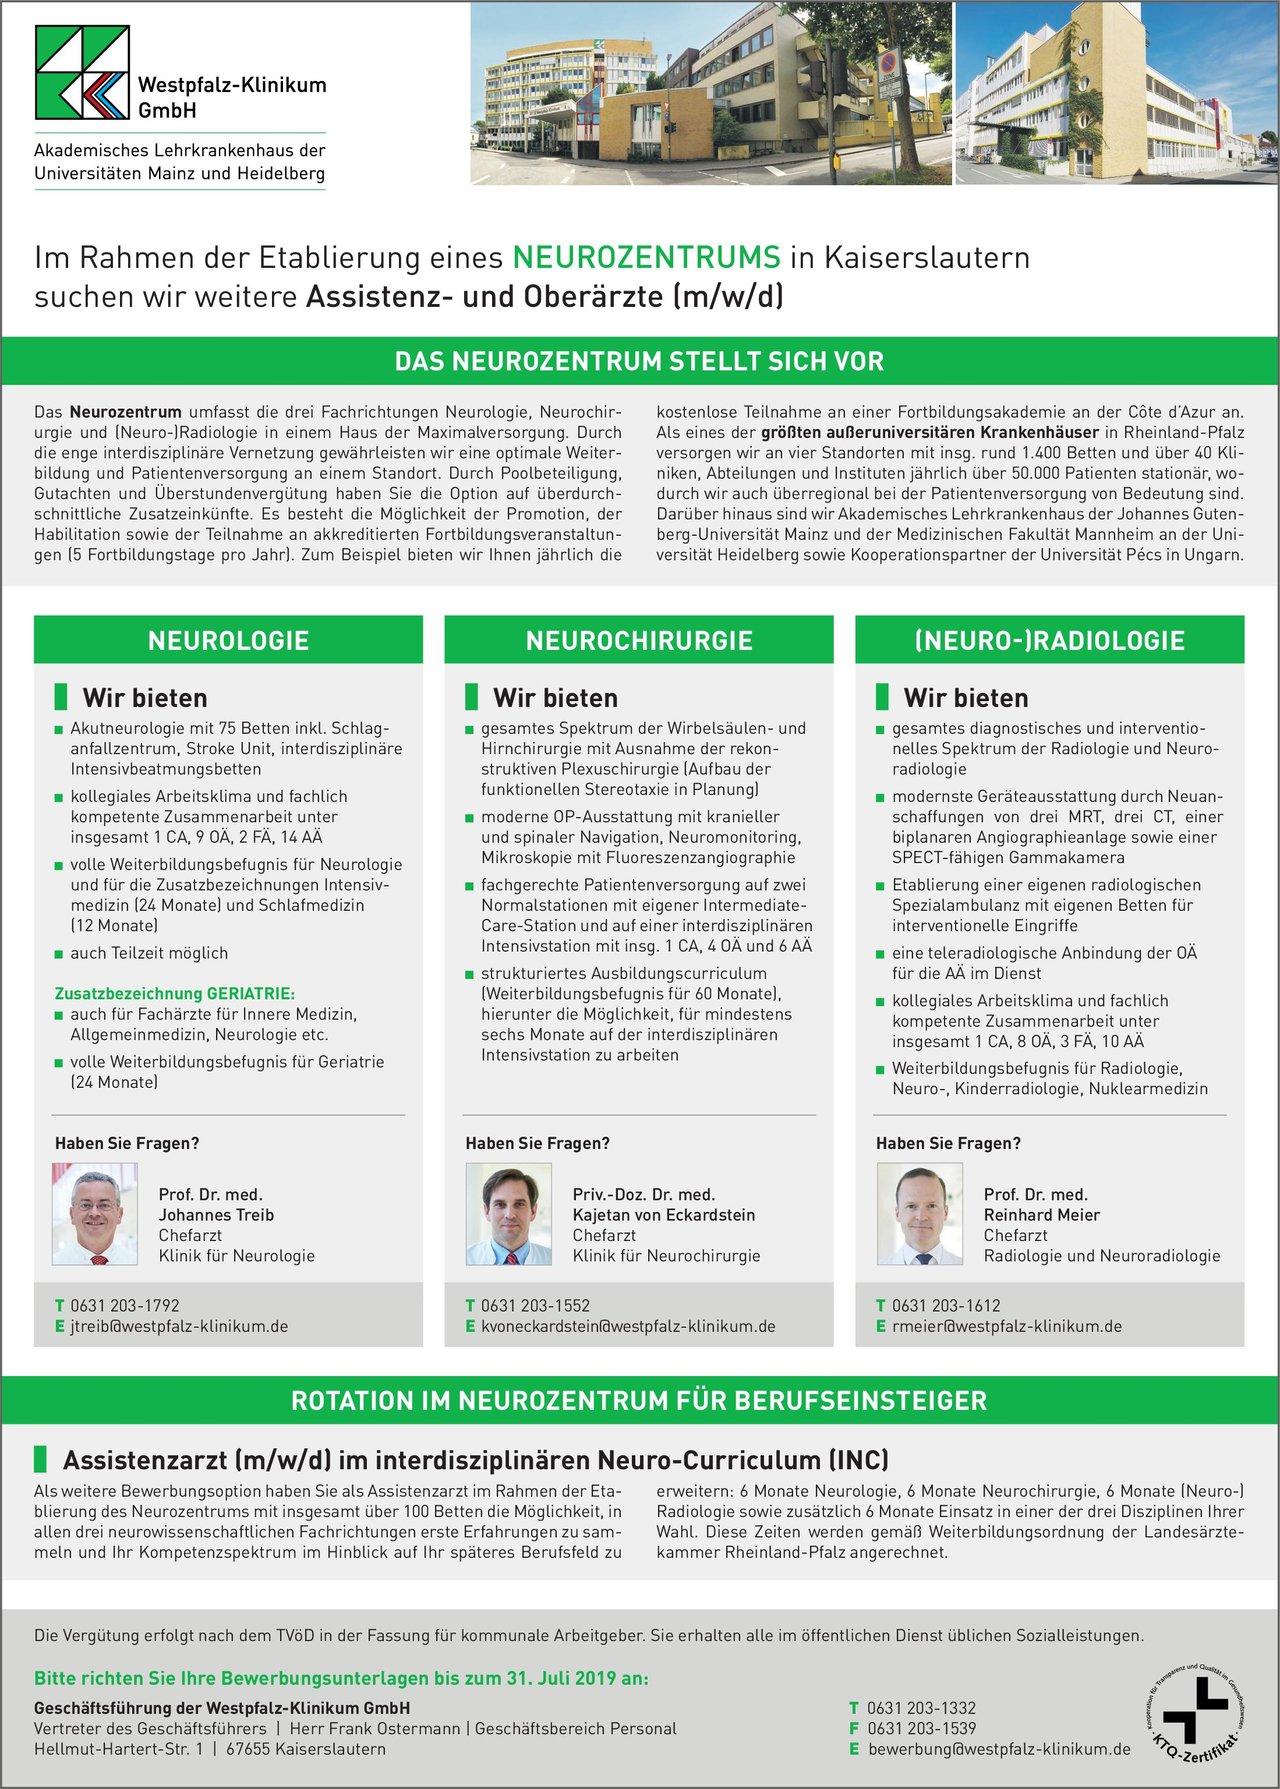 Geschäftsführung der Westpfalz-Klinikum GmbH Oberärzte (m/w/d) Neurozentrum  Neuroradiologie, Neurochirurgie, Neurologie Oberarzt